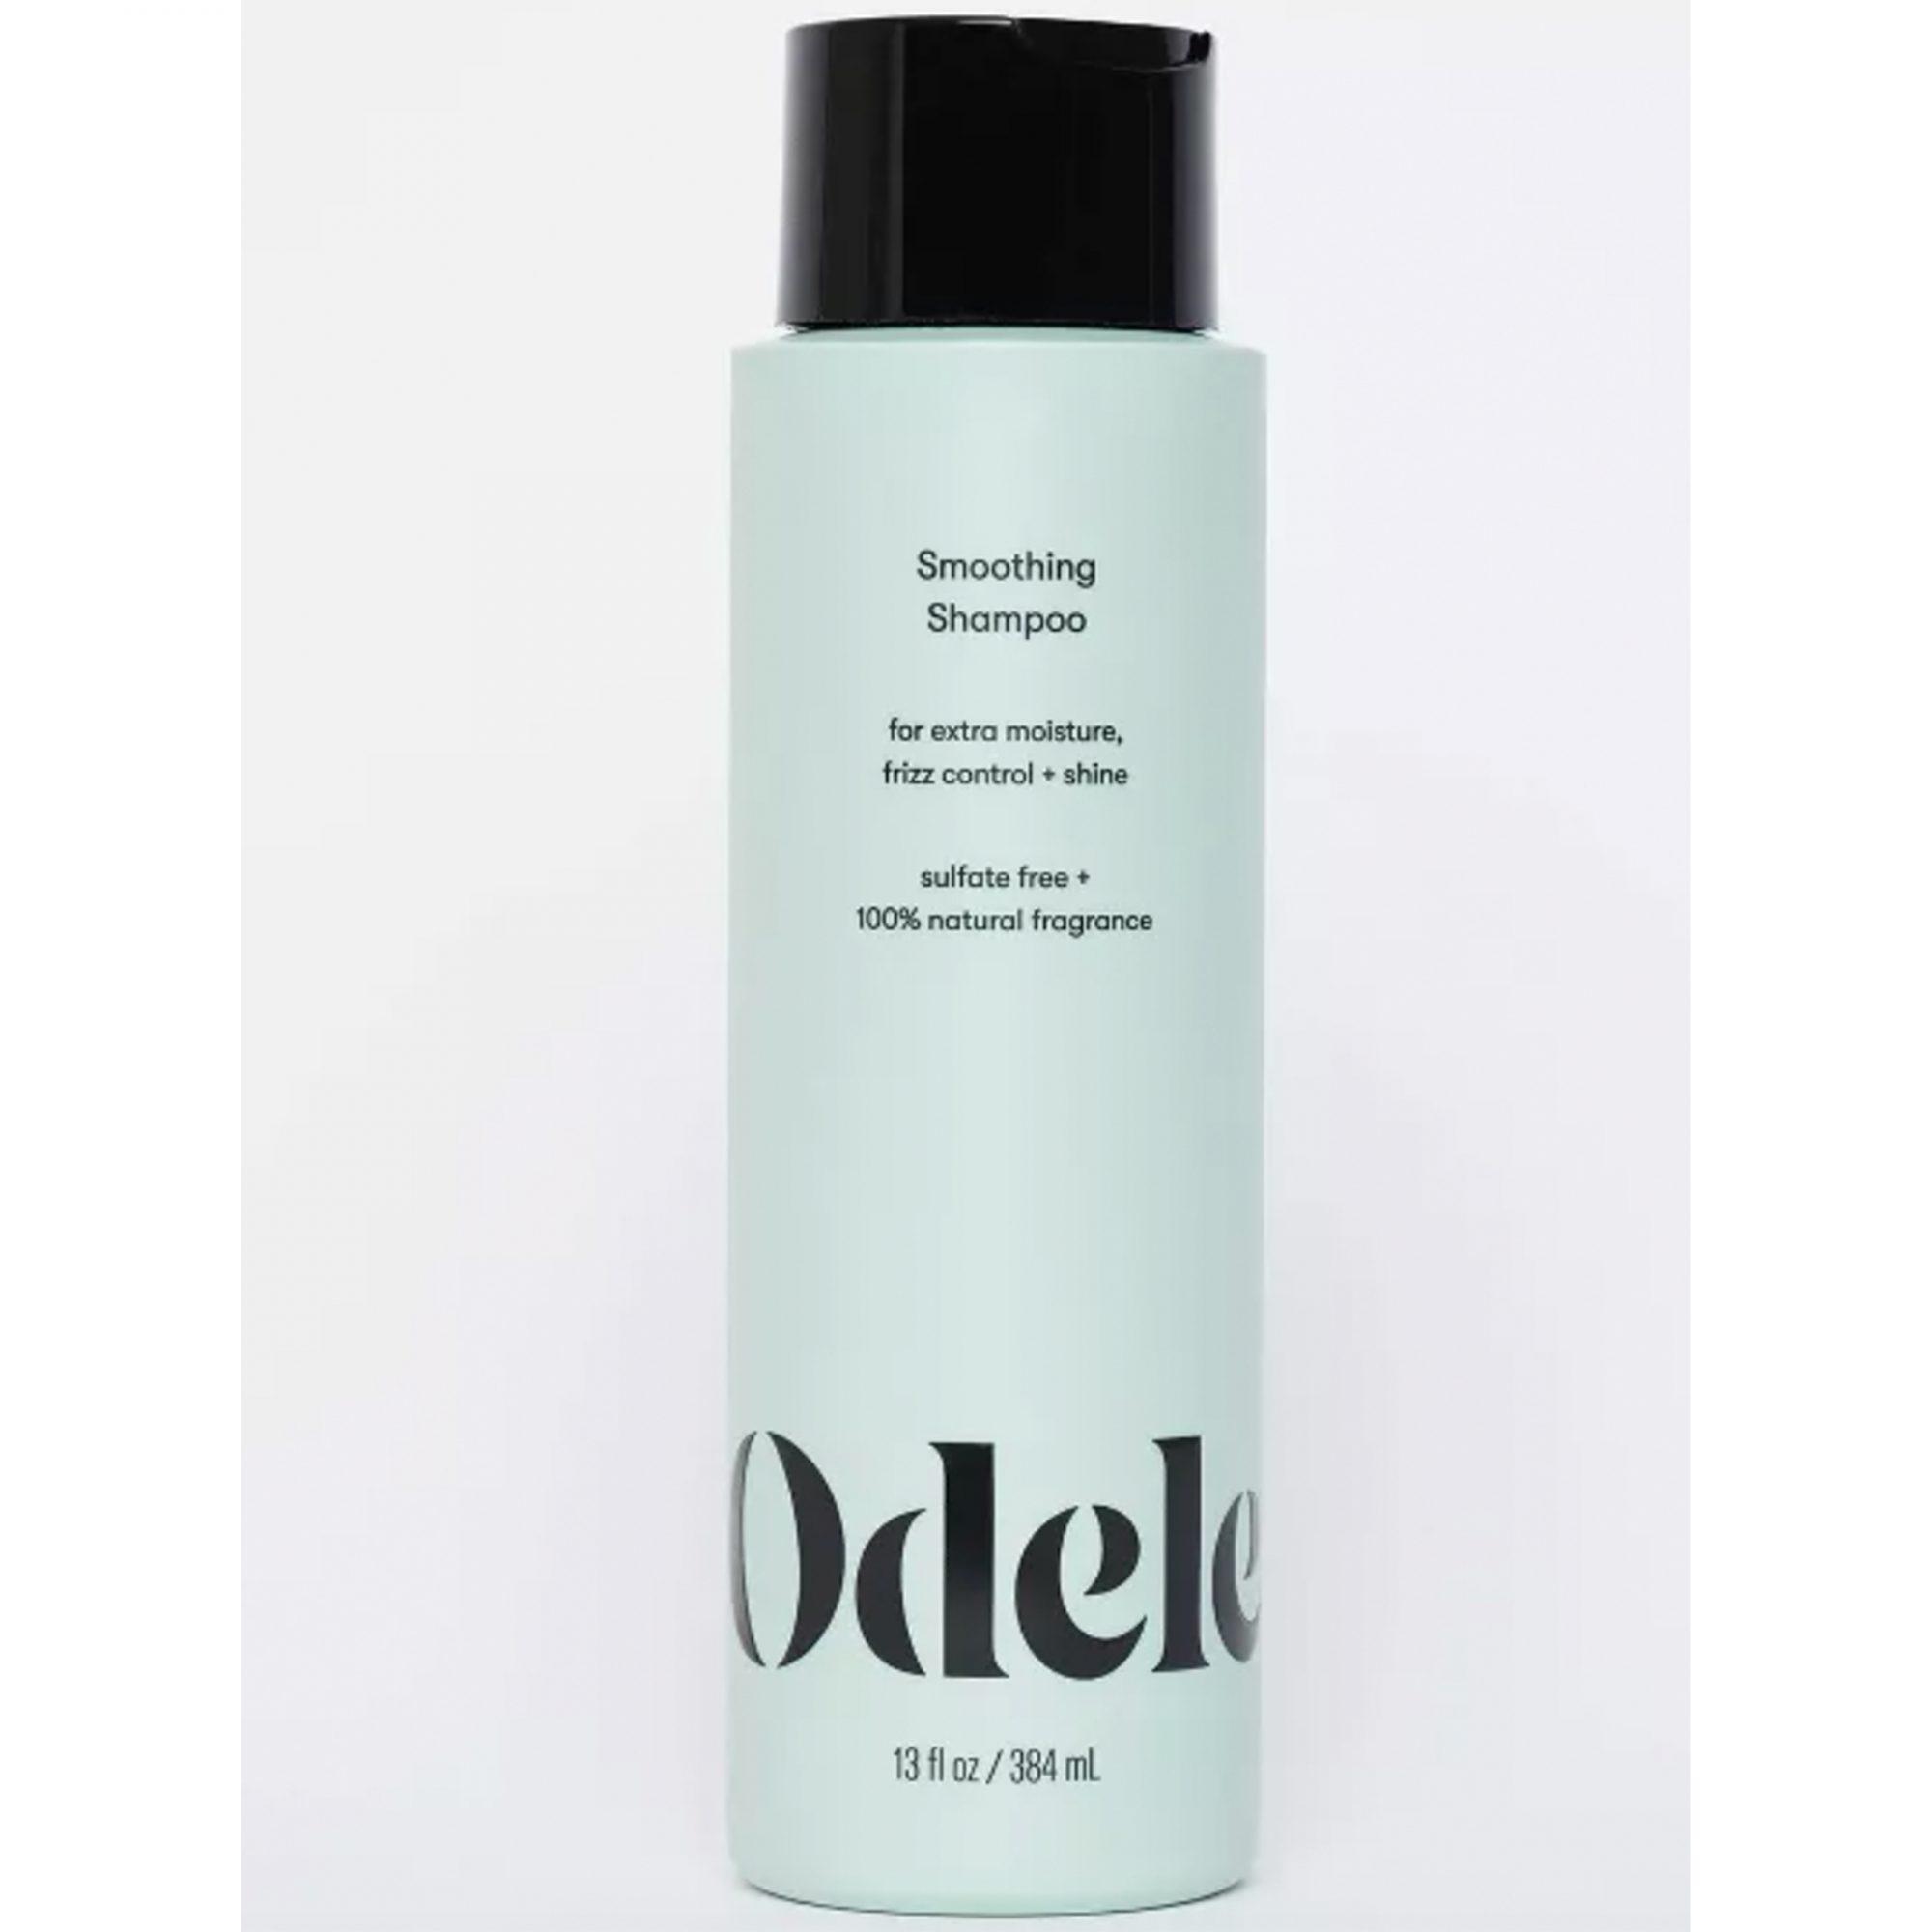 odele-smoothing-shampoo